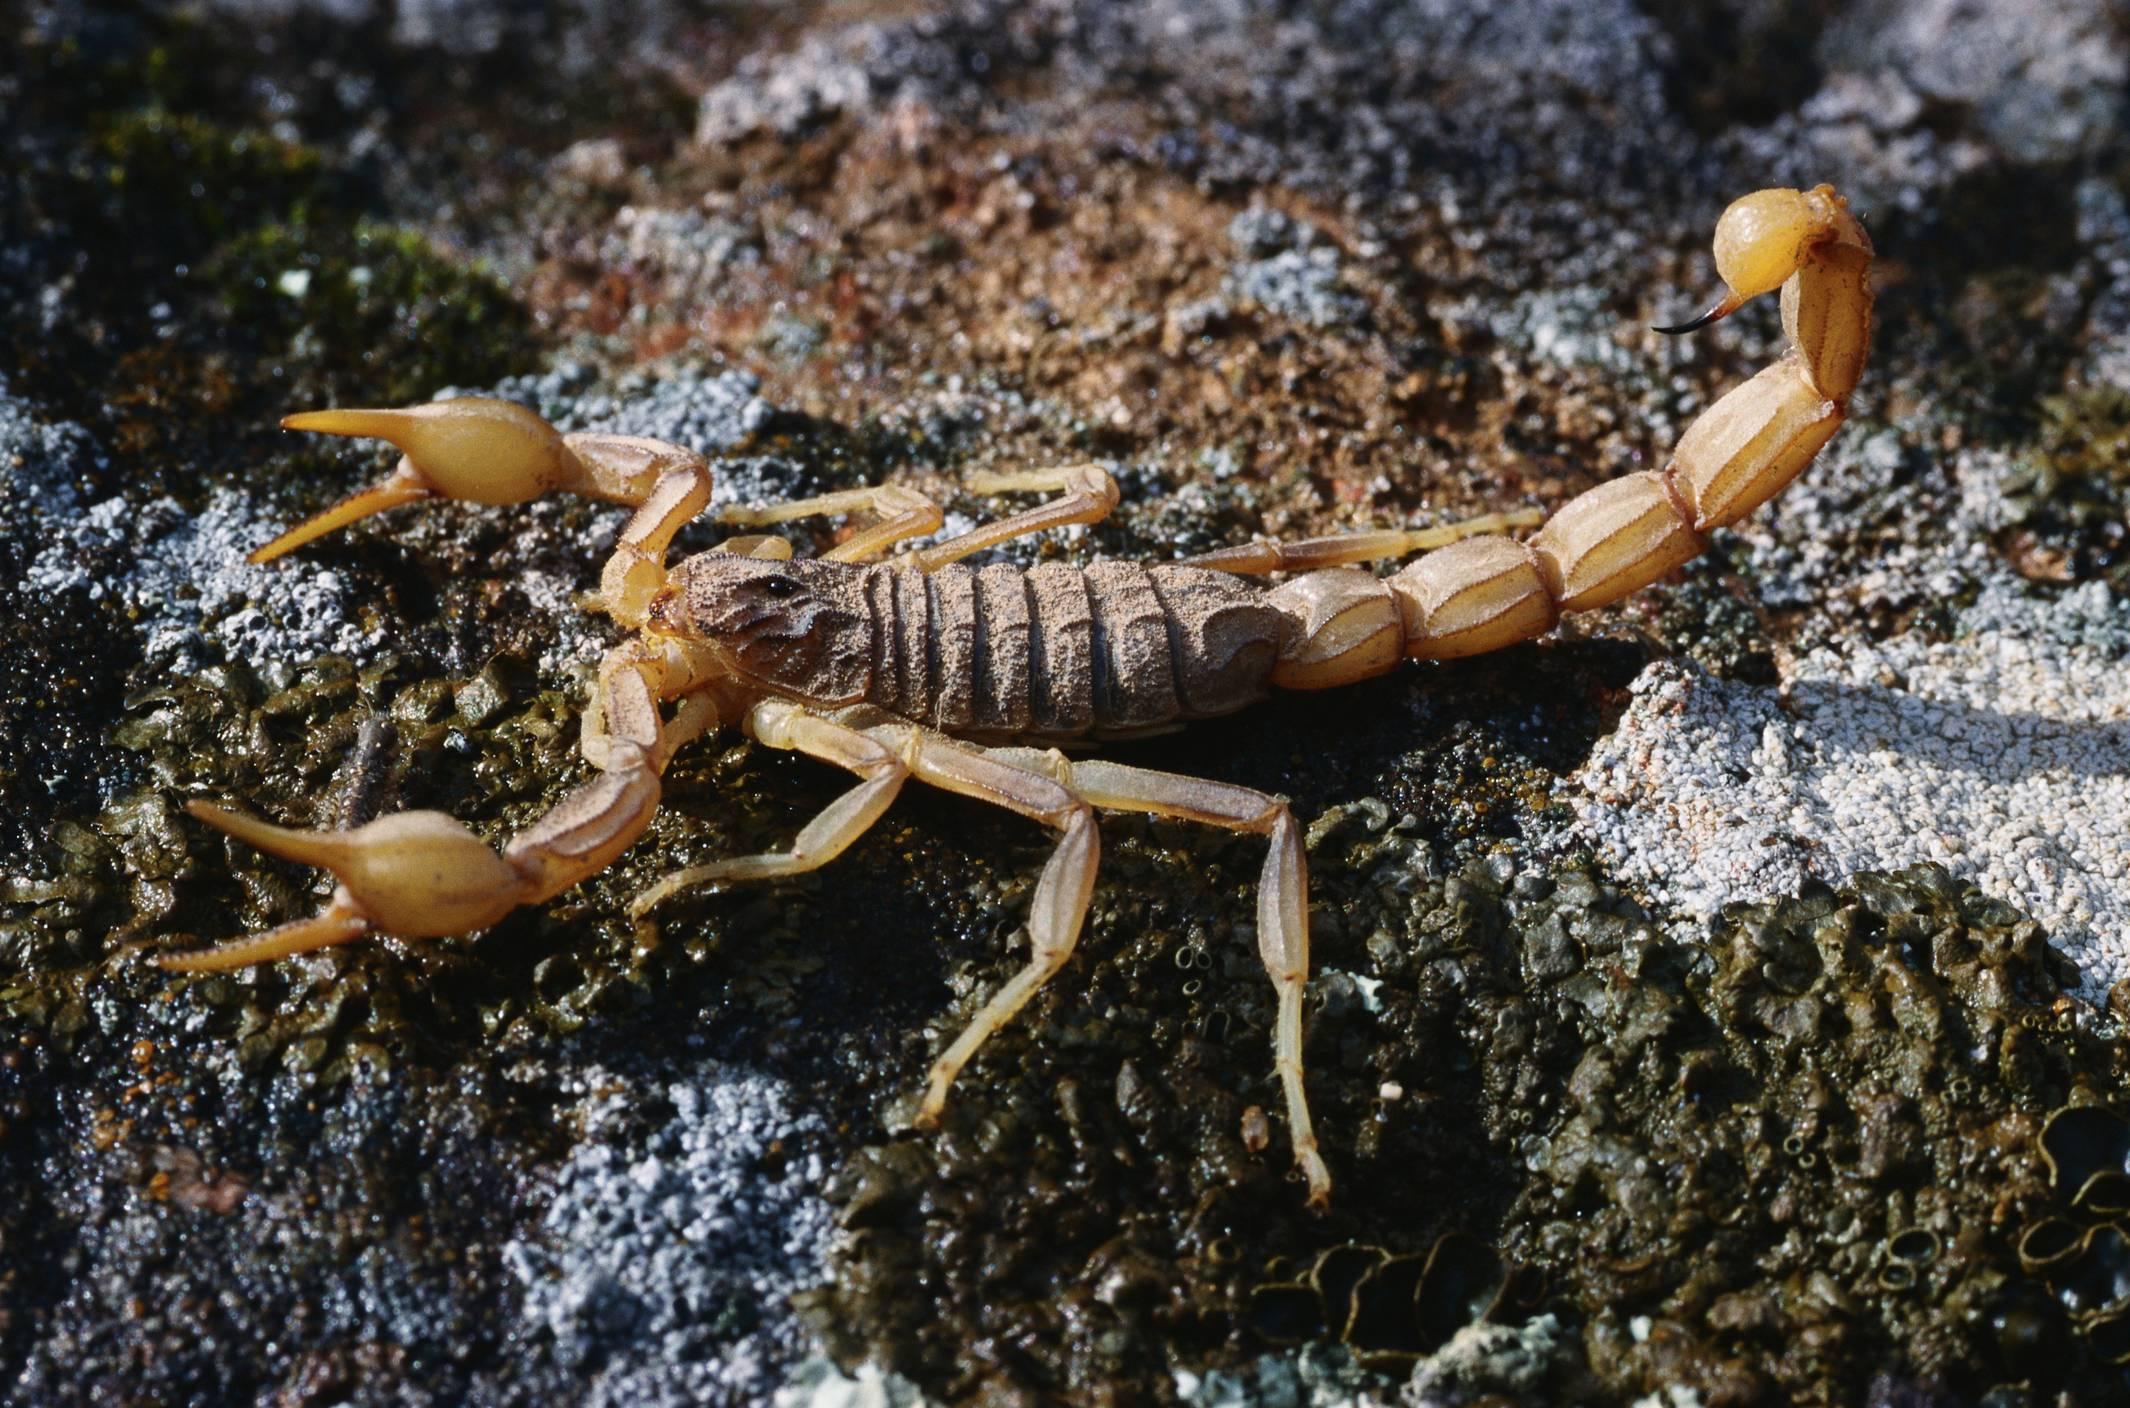 acidentes com escorpião